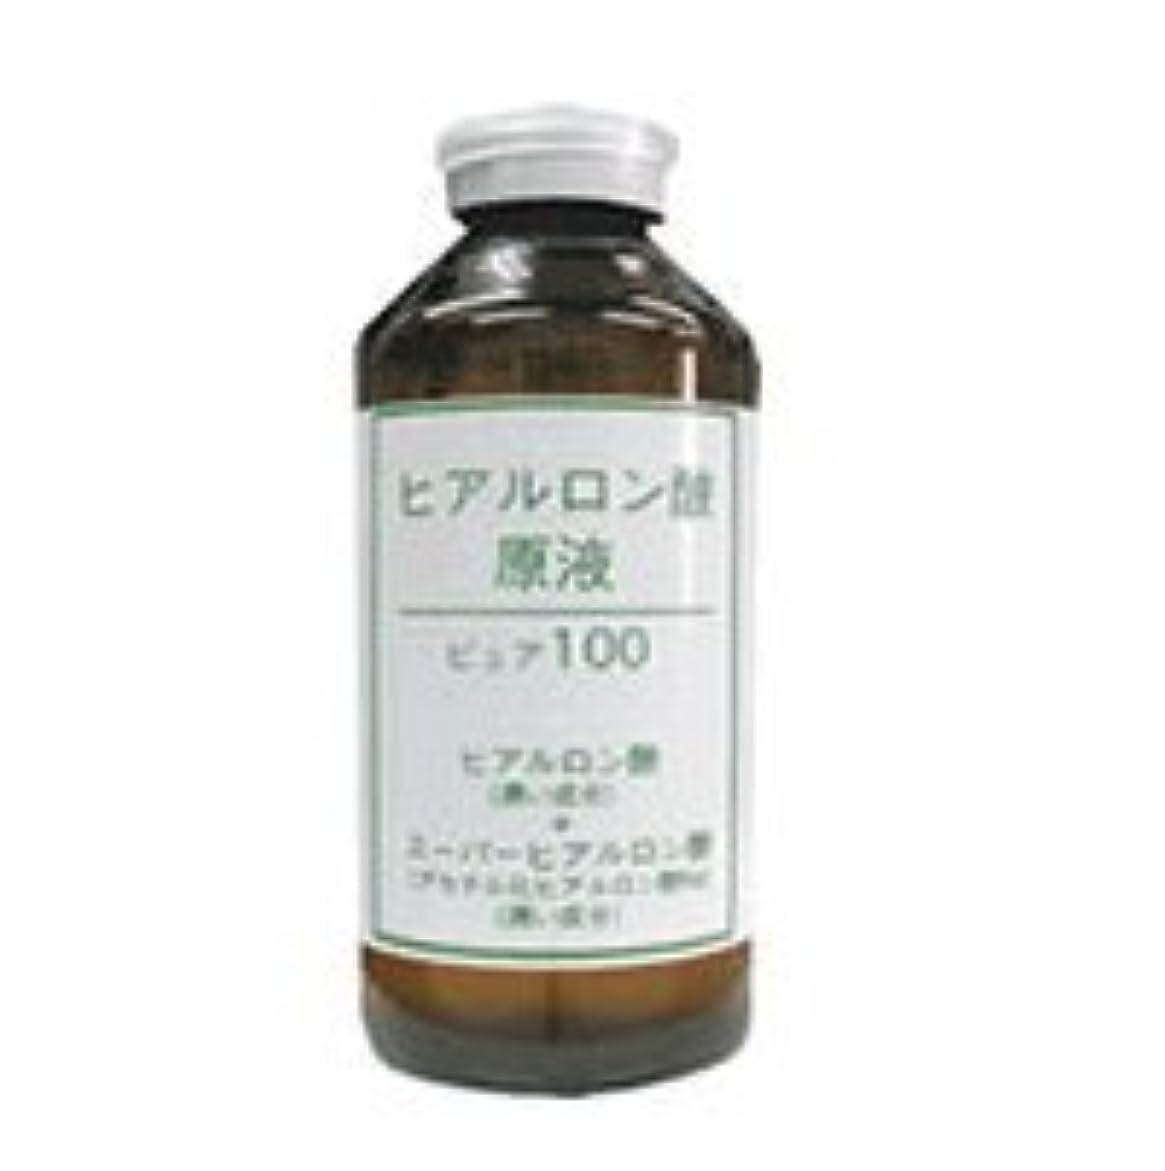 レタッチ枝陽気なヒアルロン酸原液 ピュアエッセンス 55ml  ヒアルロン酸+スーパーヒアルロン酸